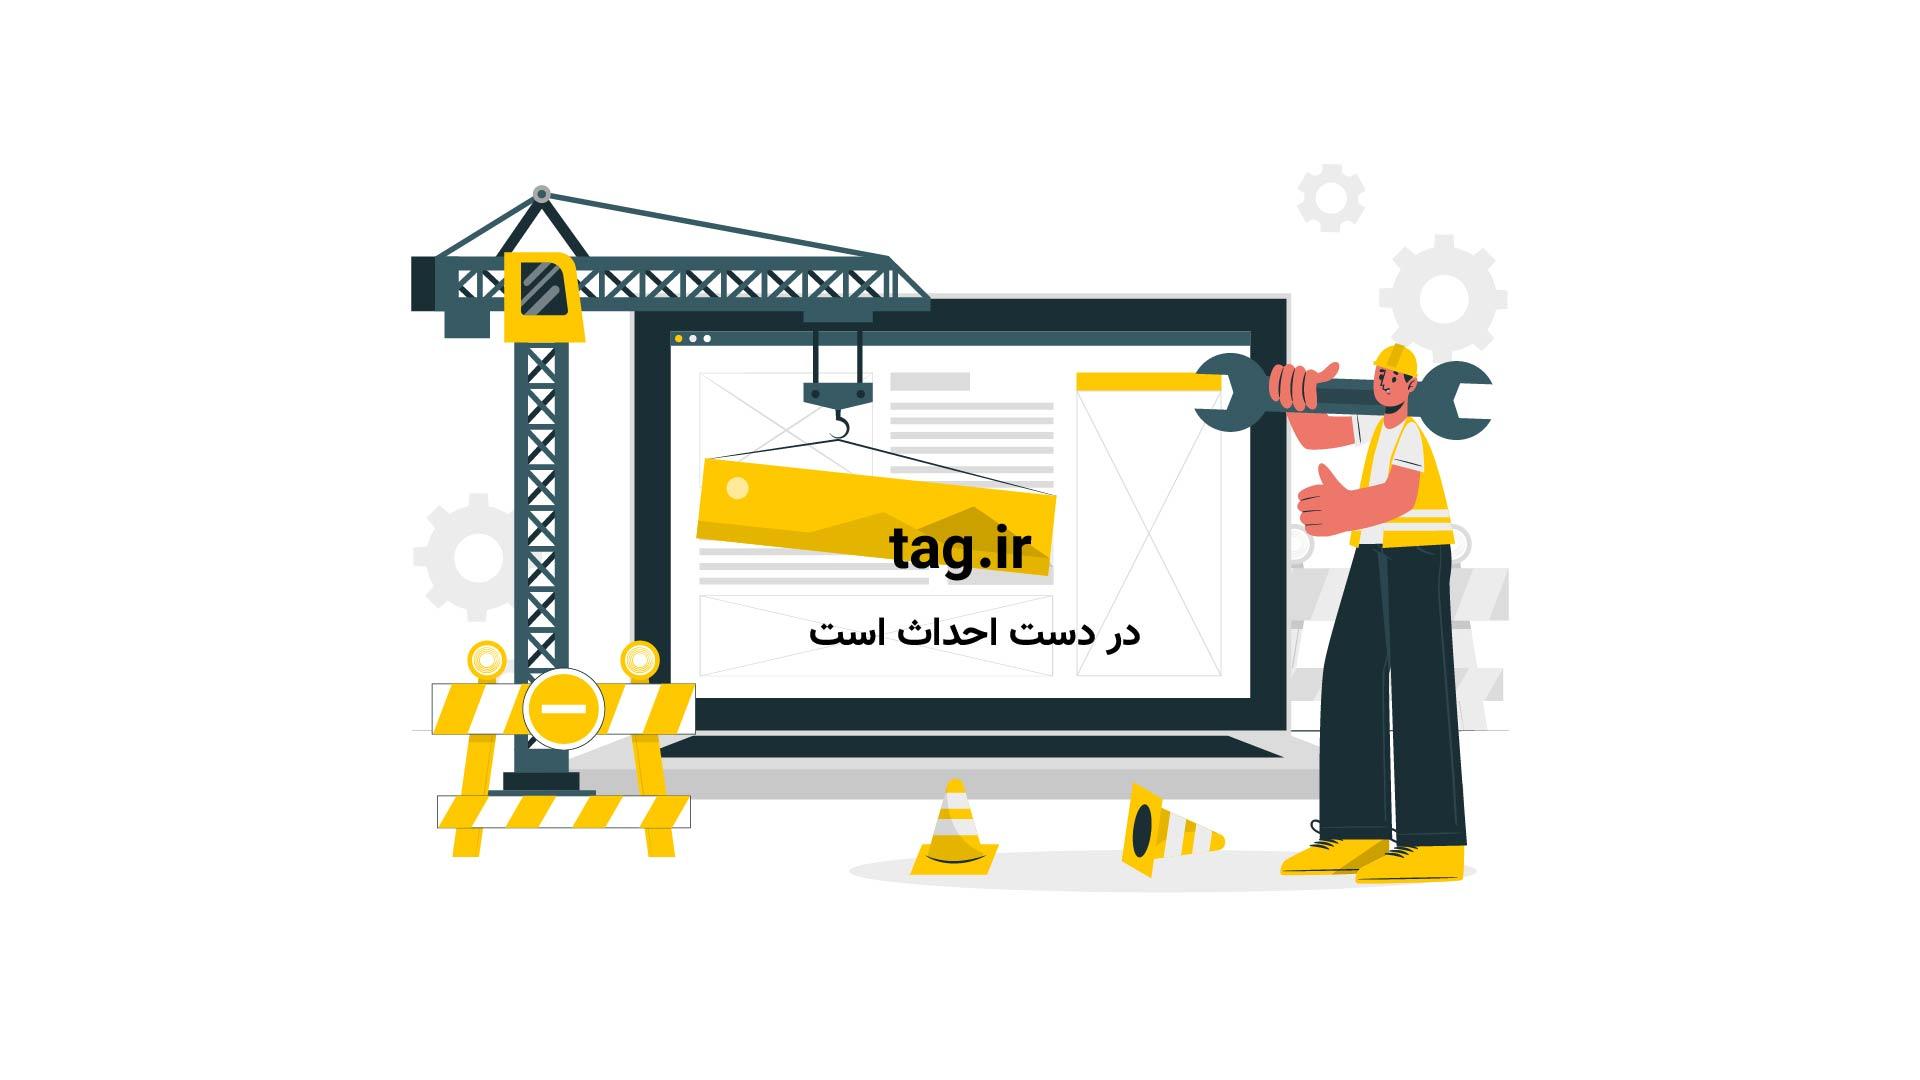 ادا بازی فرزاد حسنی برای خروس جنگی | فیلم